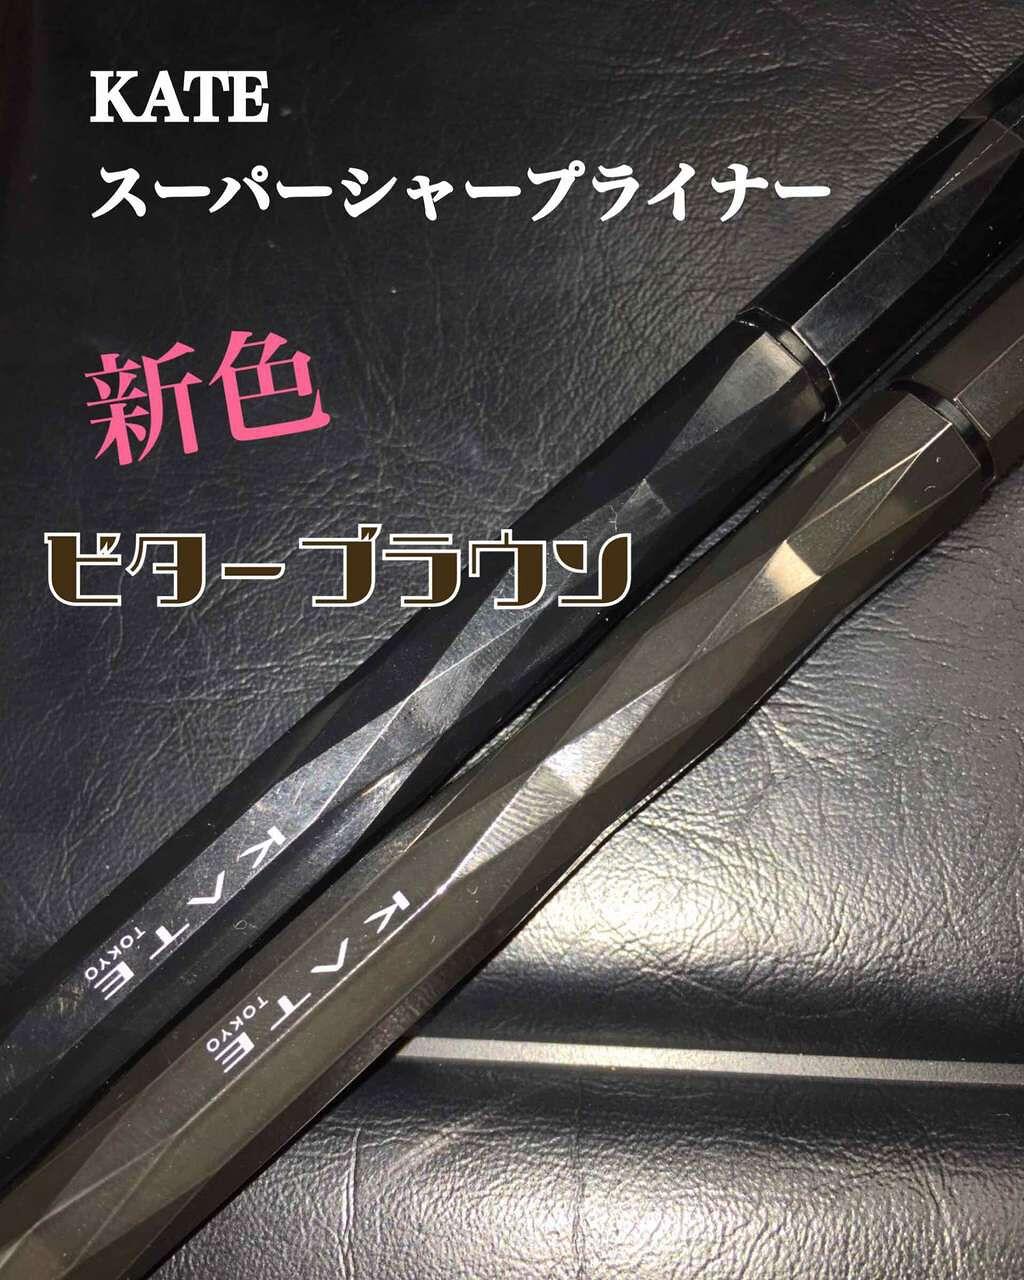 スーパーシャープライナーEX/ケイト/リキッドアイライナー by なつ